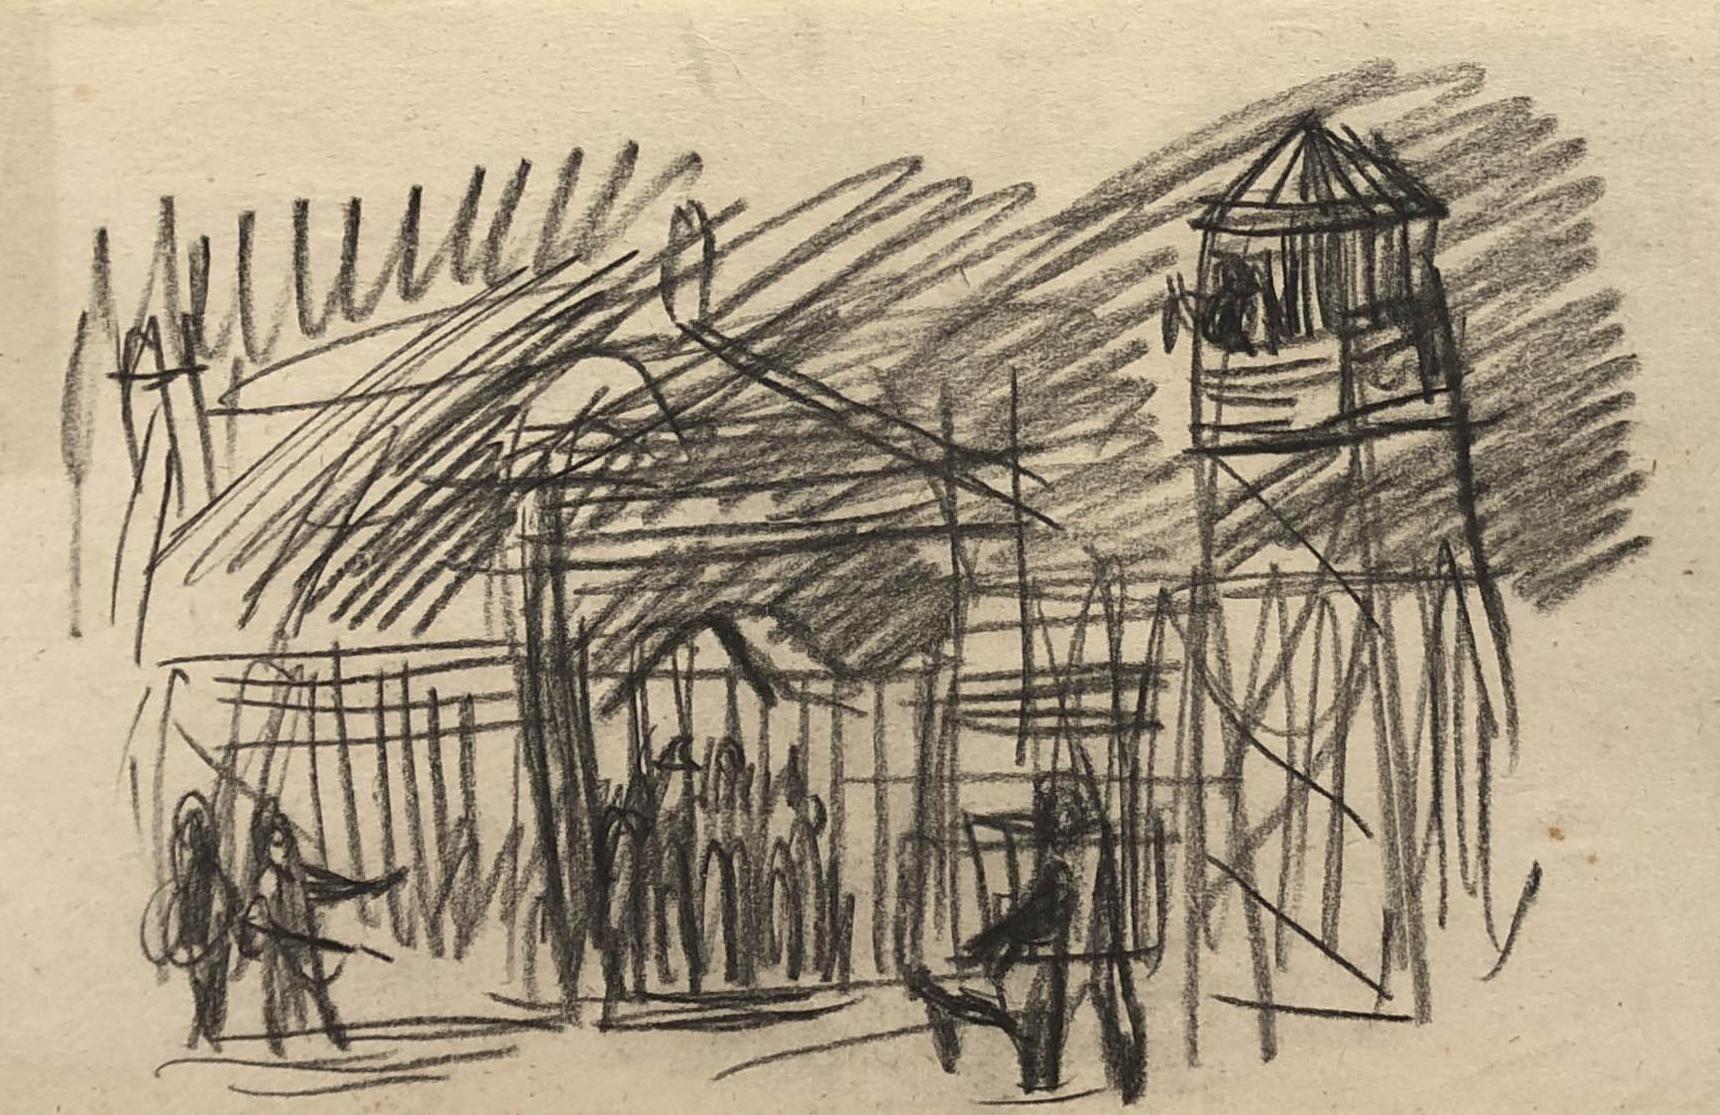 Rysunek przedstawiający bramę dołagru, orazwieżyczkę strażniczą. Adam Kossowski, rys. ołówkiem, praca stworzona wLondynie w1943 roku.